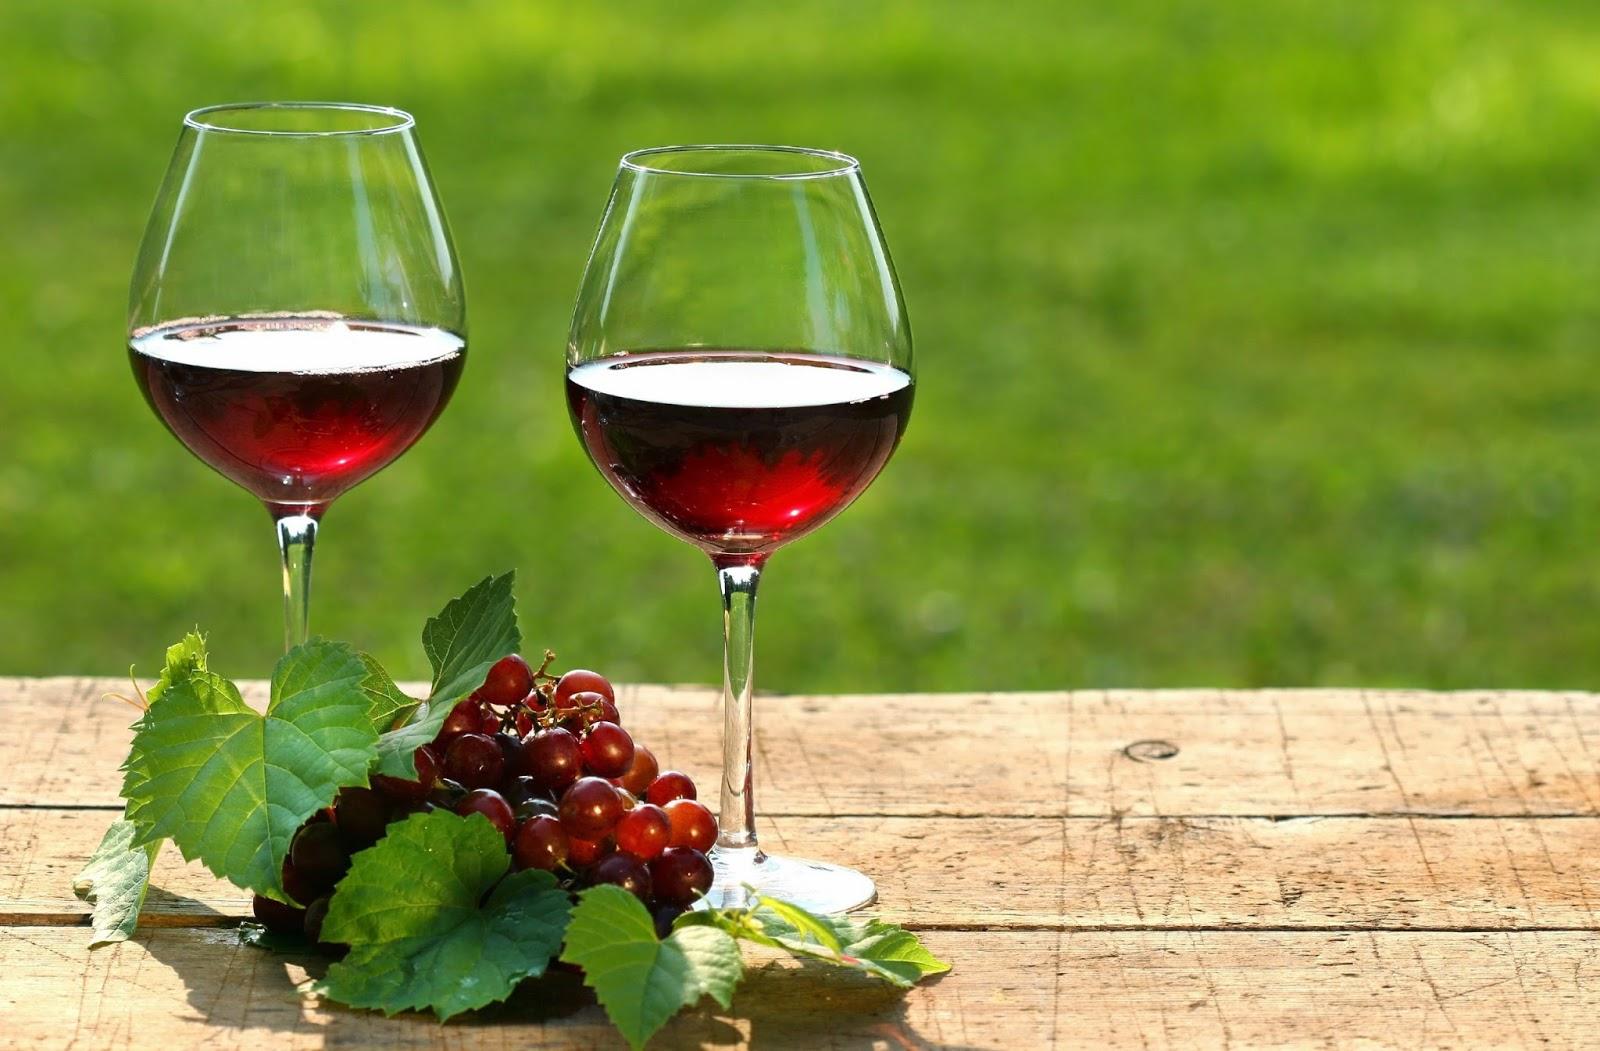 bodas-de-casamento-vinho-1